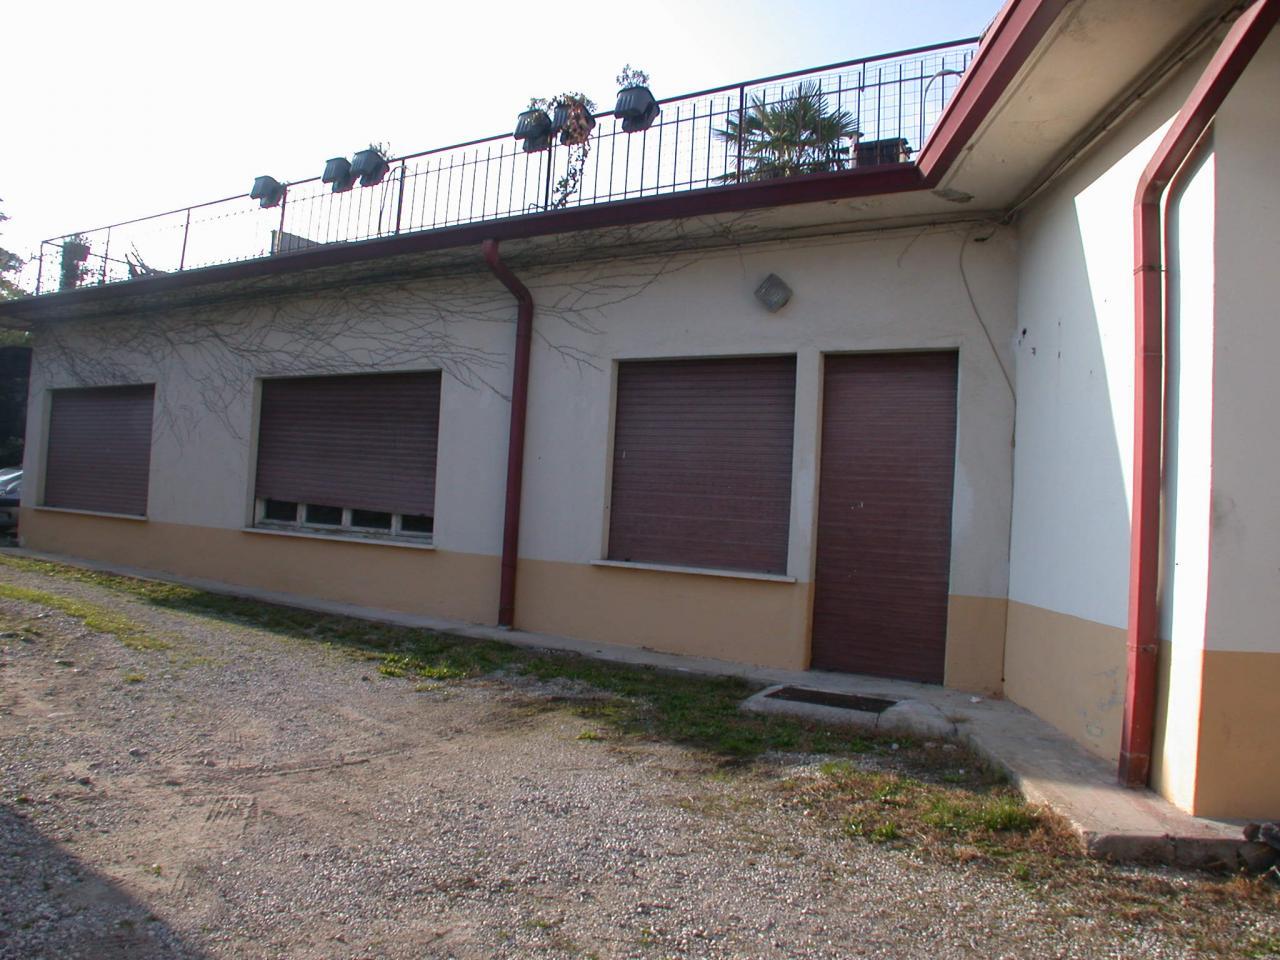 Negozio / Locale in affitto a Gorizia, 9999 locali, zona Località: centro, prezzo € 90.000 | Cambio Casa.it